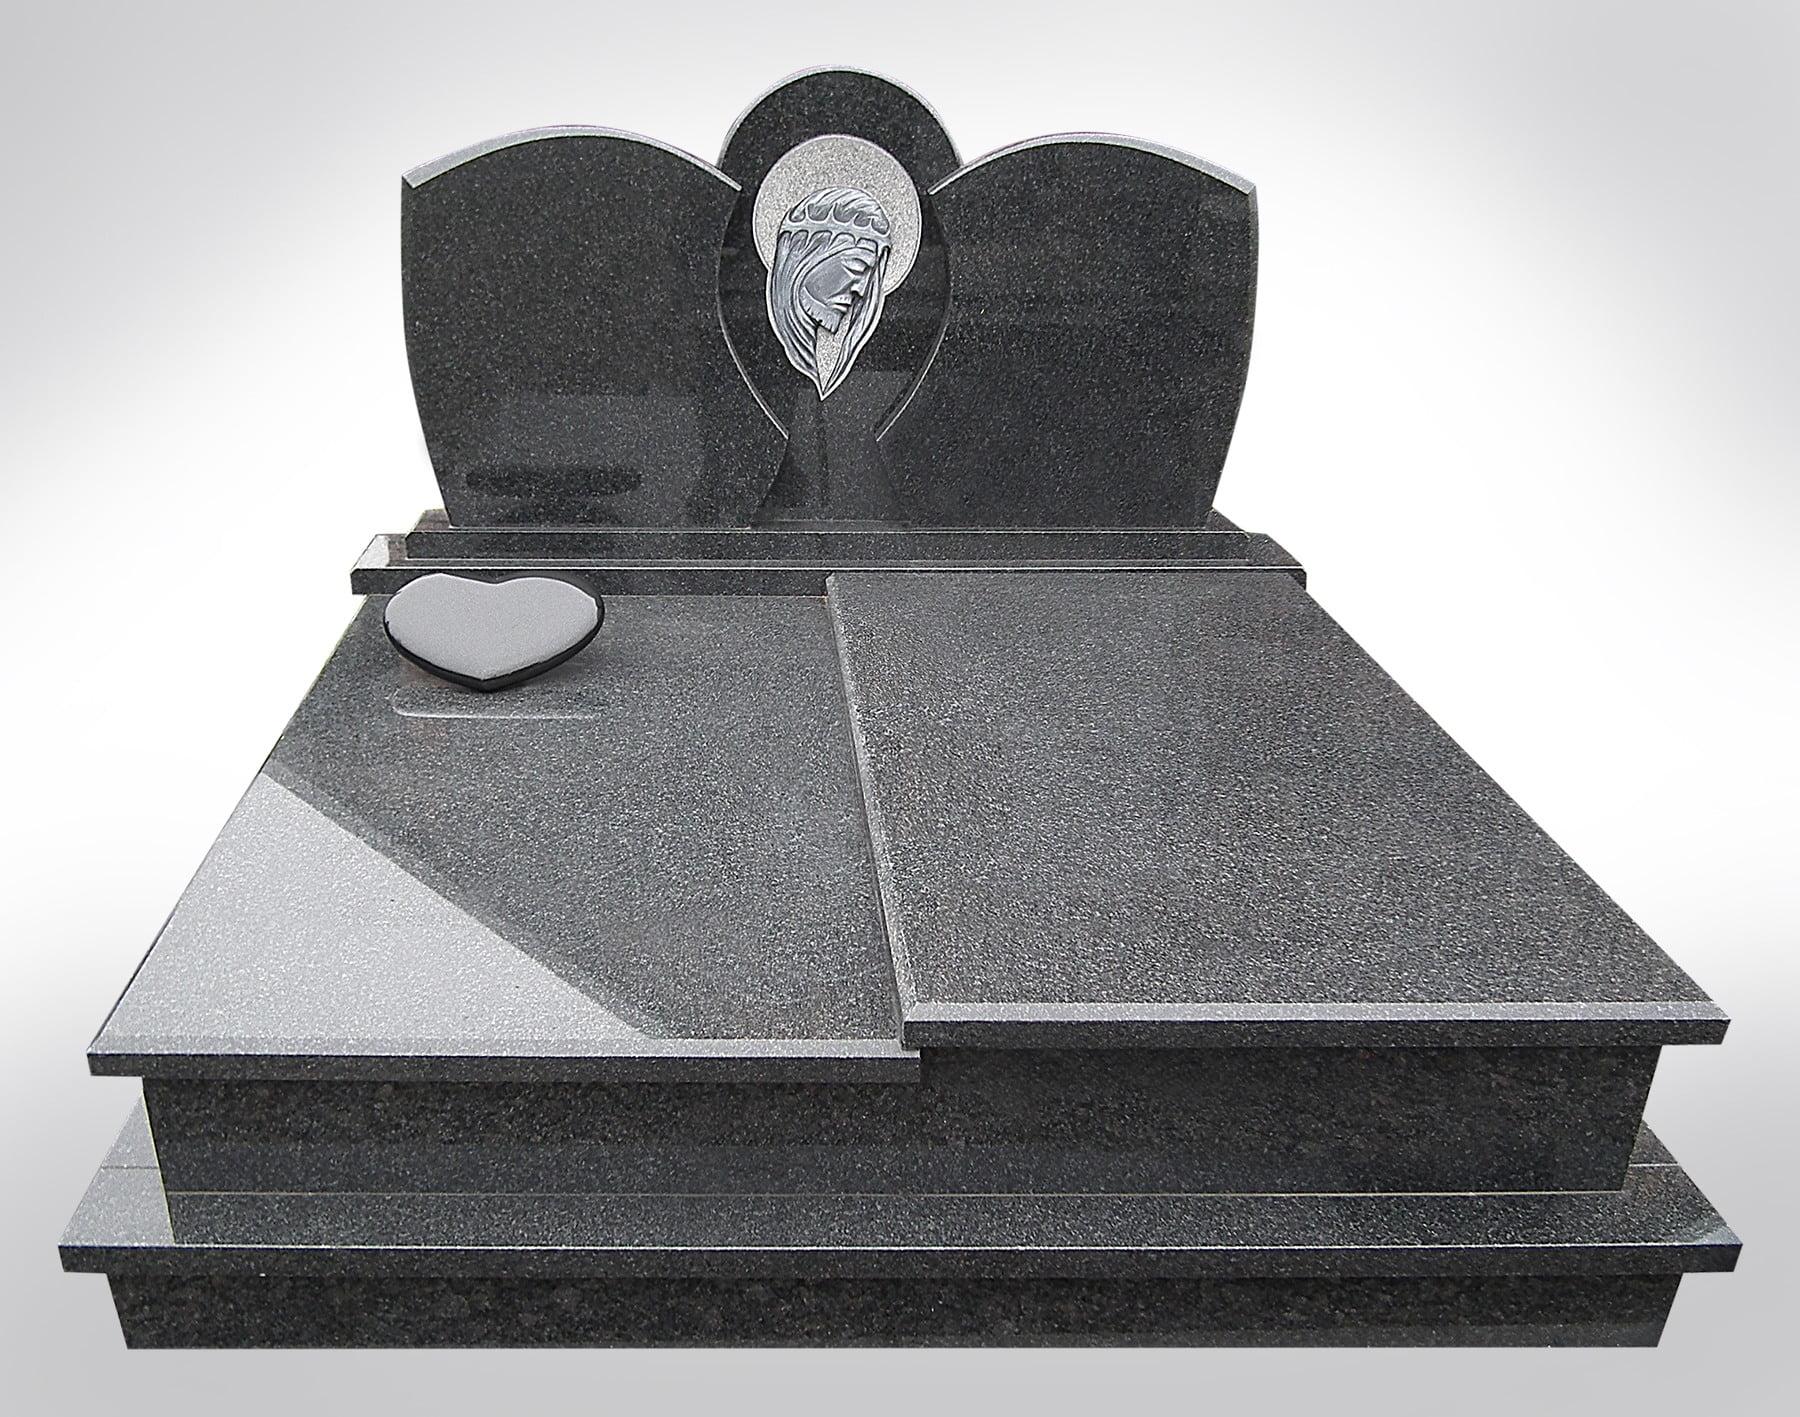 Podwójny nagrobek marmurowy, czarny - Nagrobki podwójne Bielsko-Biała